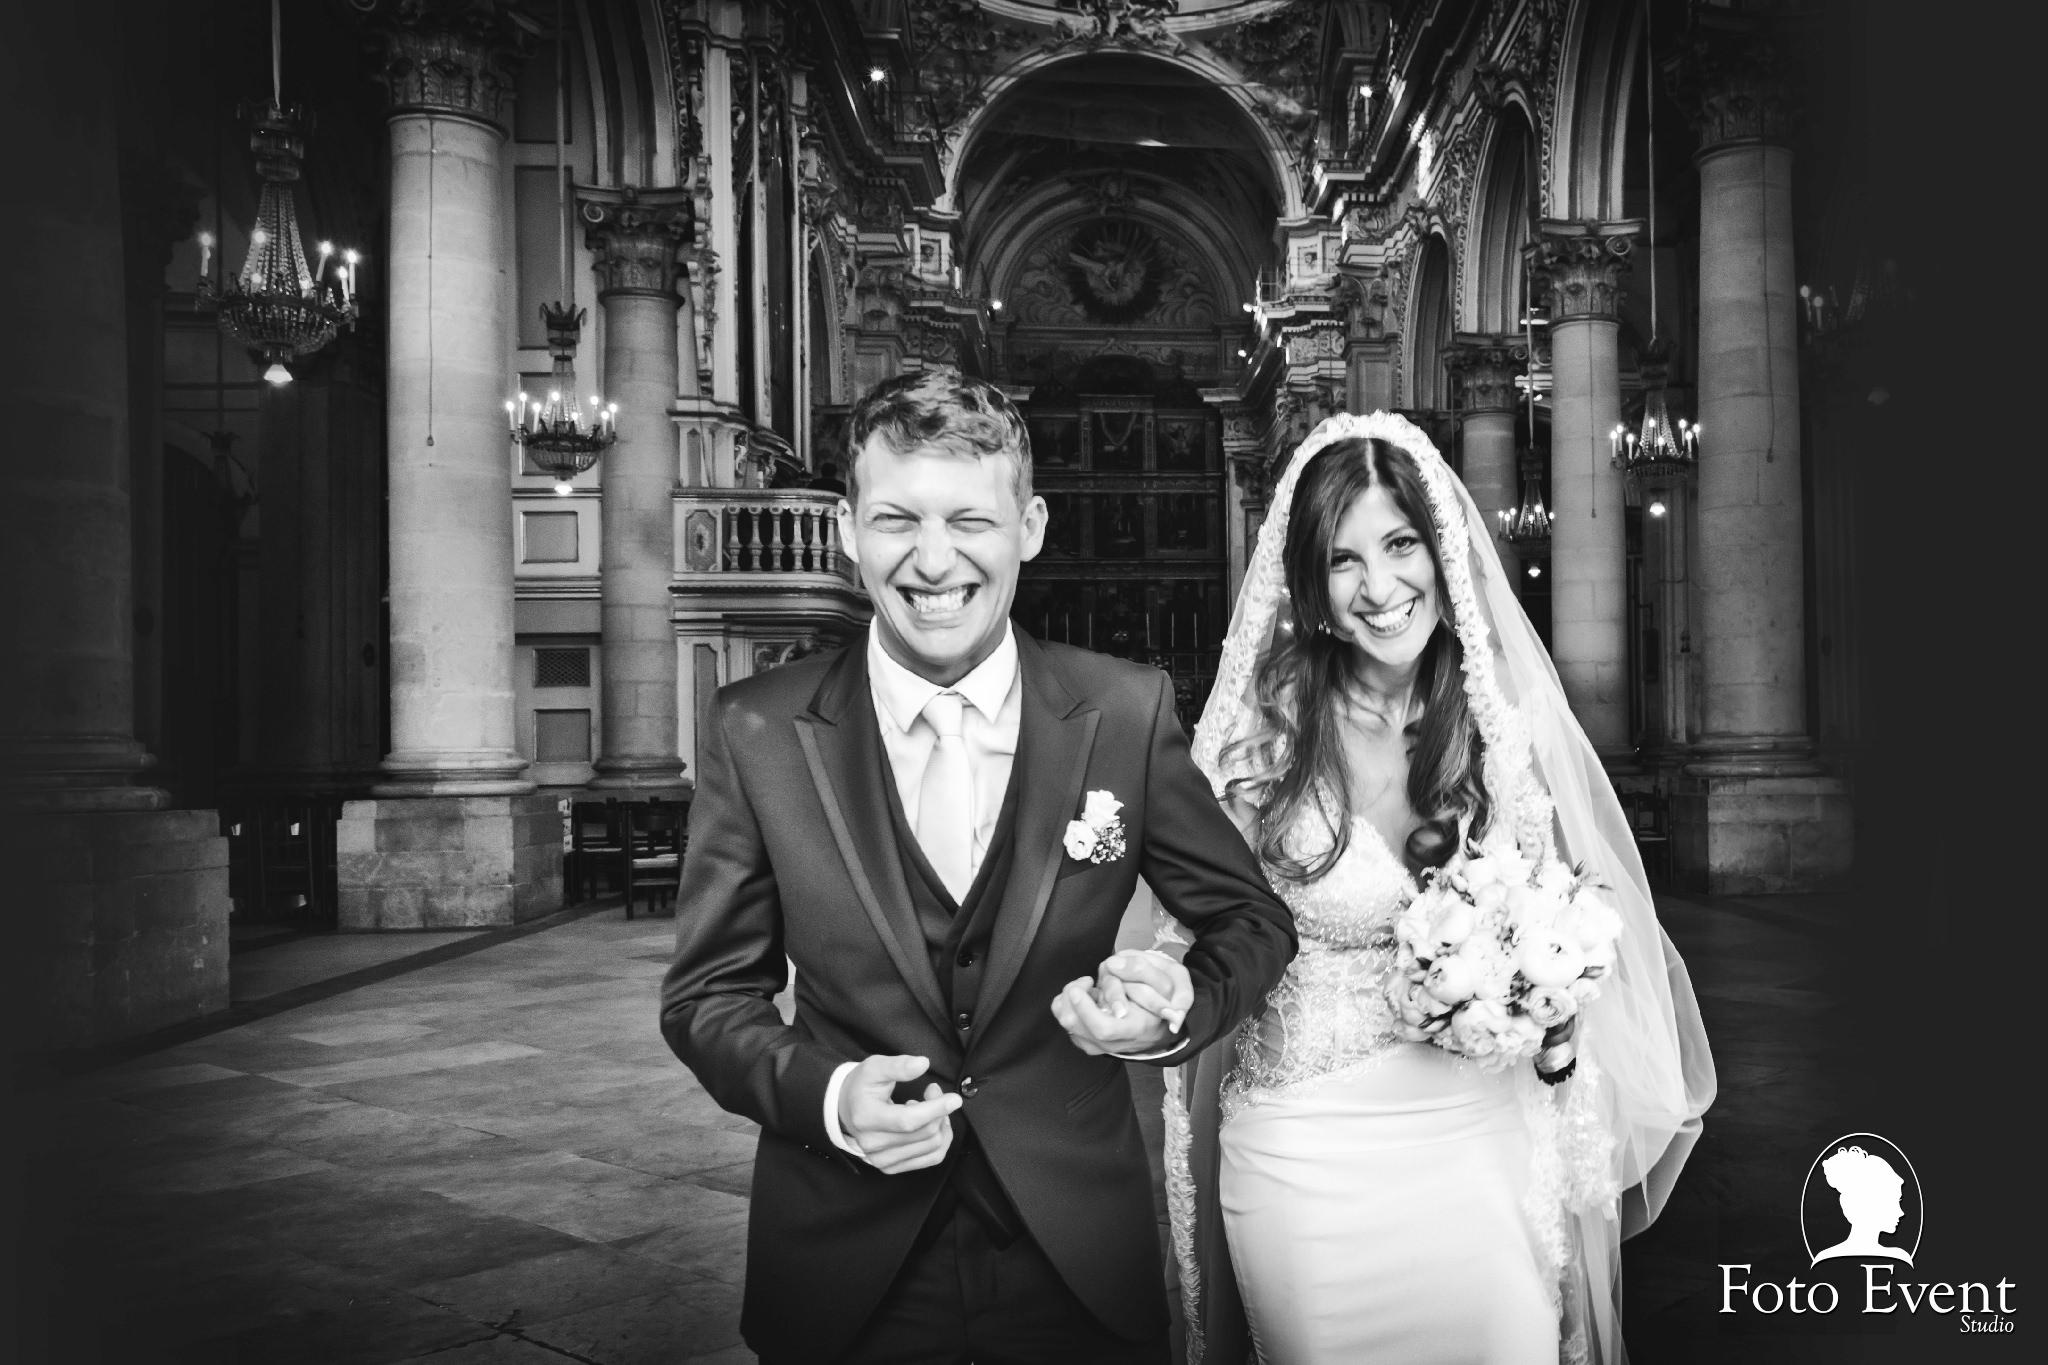 2017-07-21 Matrimonio Adriana e Giuseppe Dorsi 5DE 1253 CD FOTO